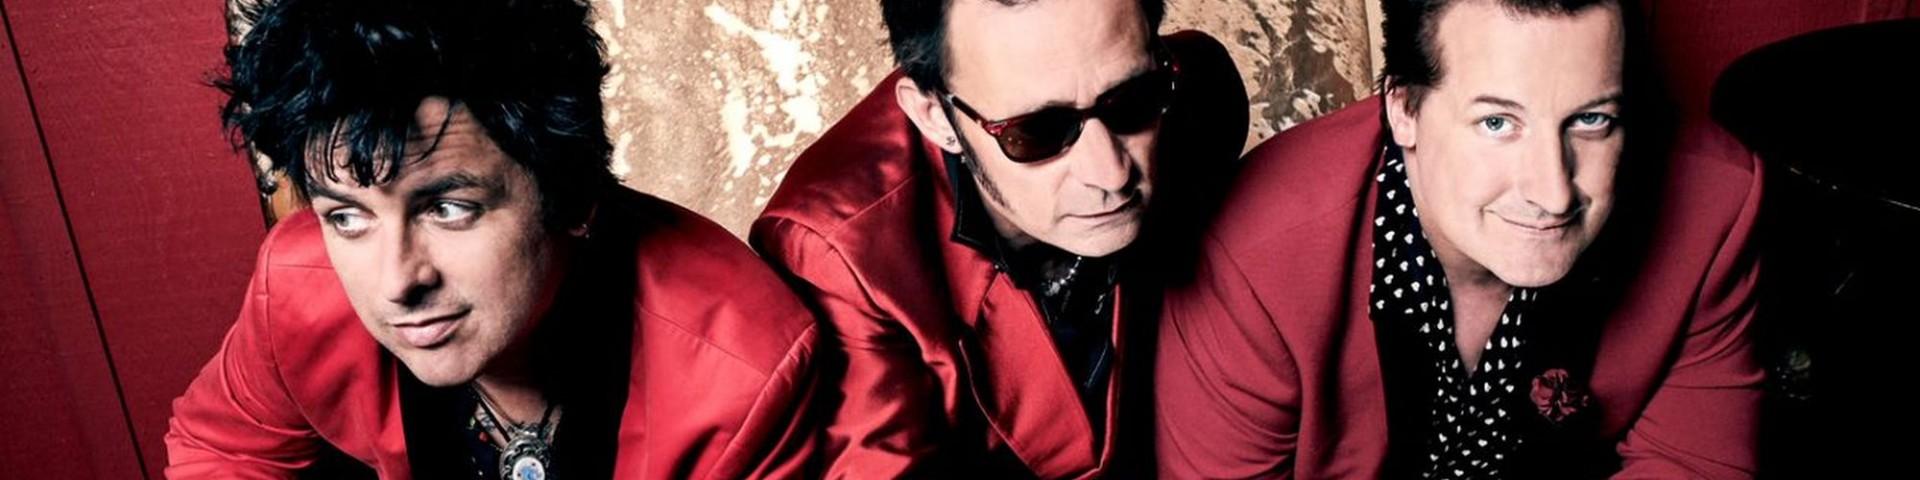 Biglietti Green Day in concerto a Milano: come acquistarli